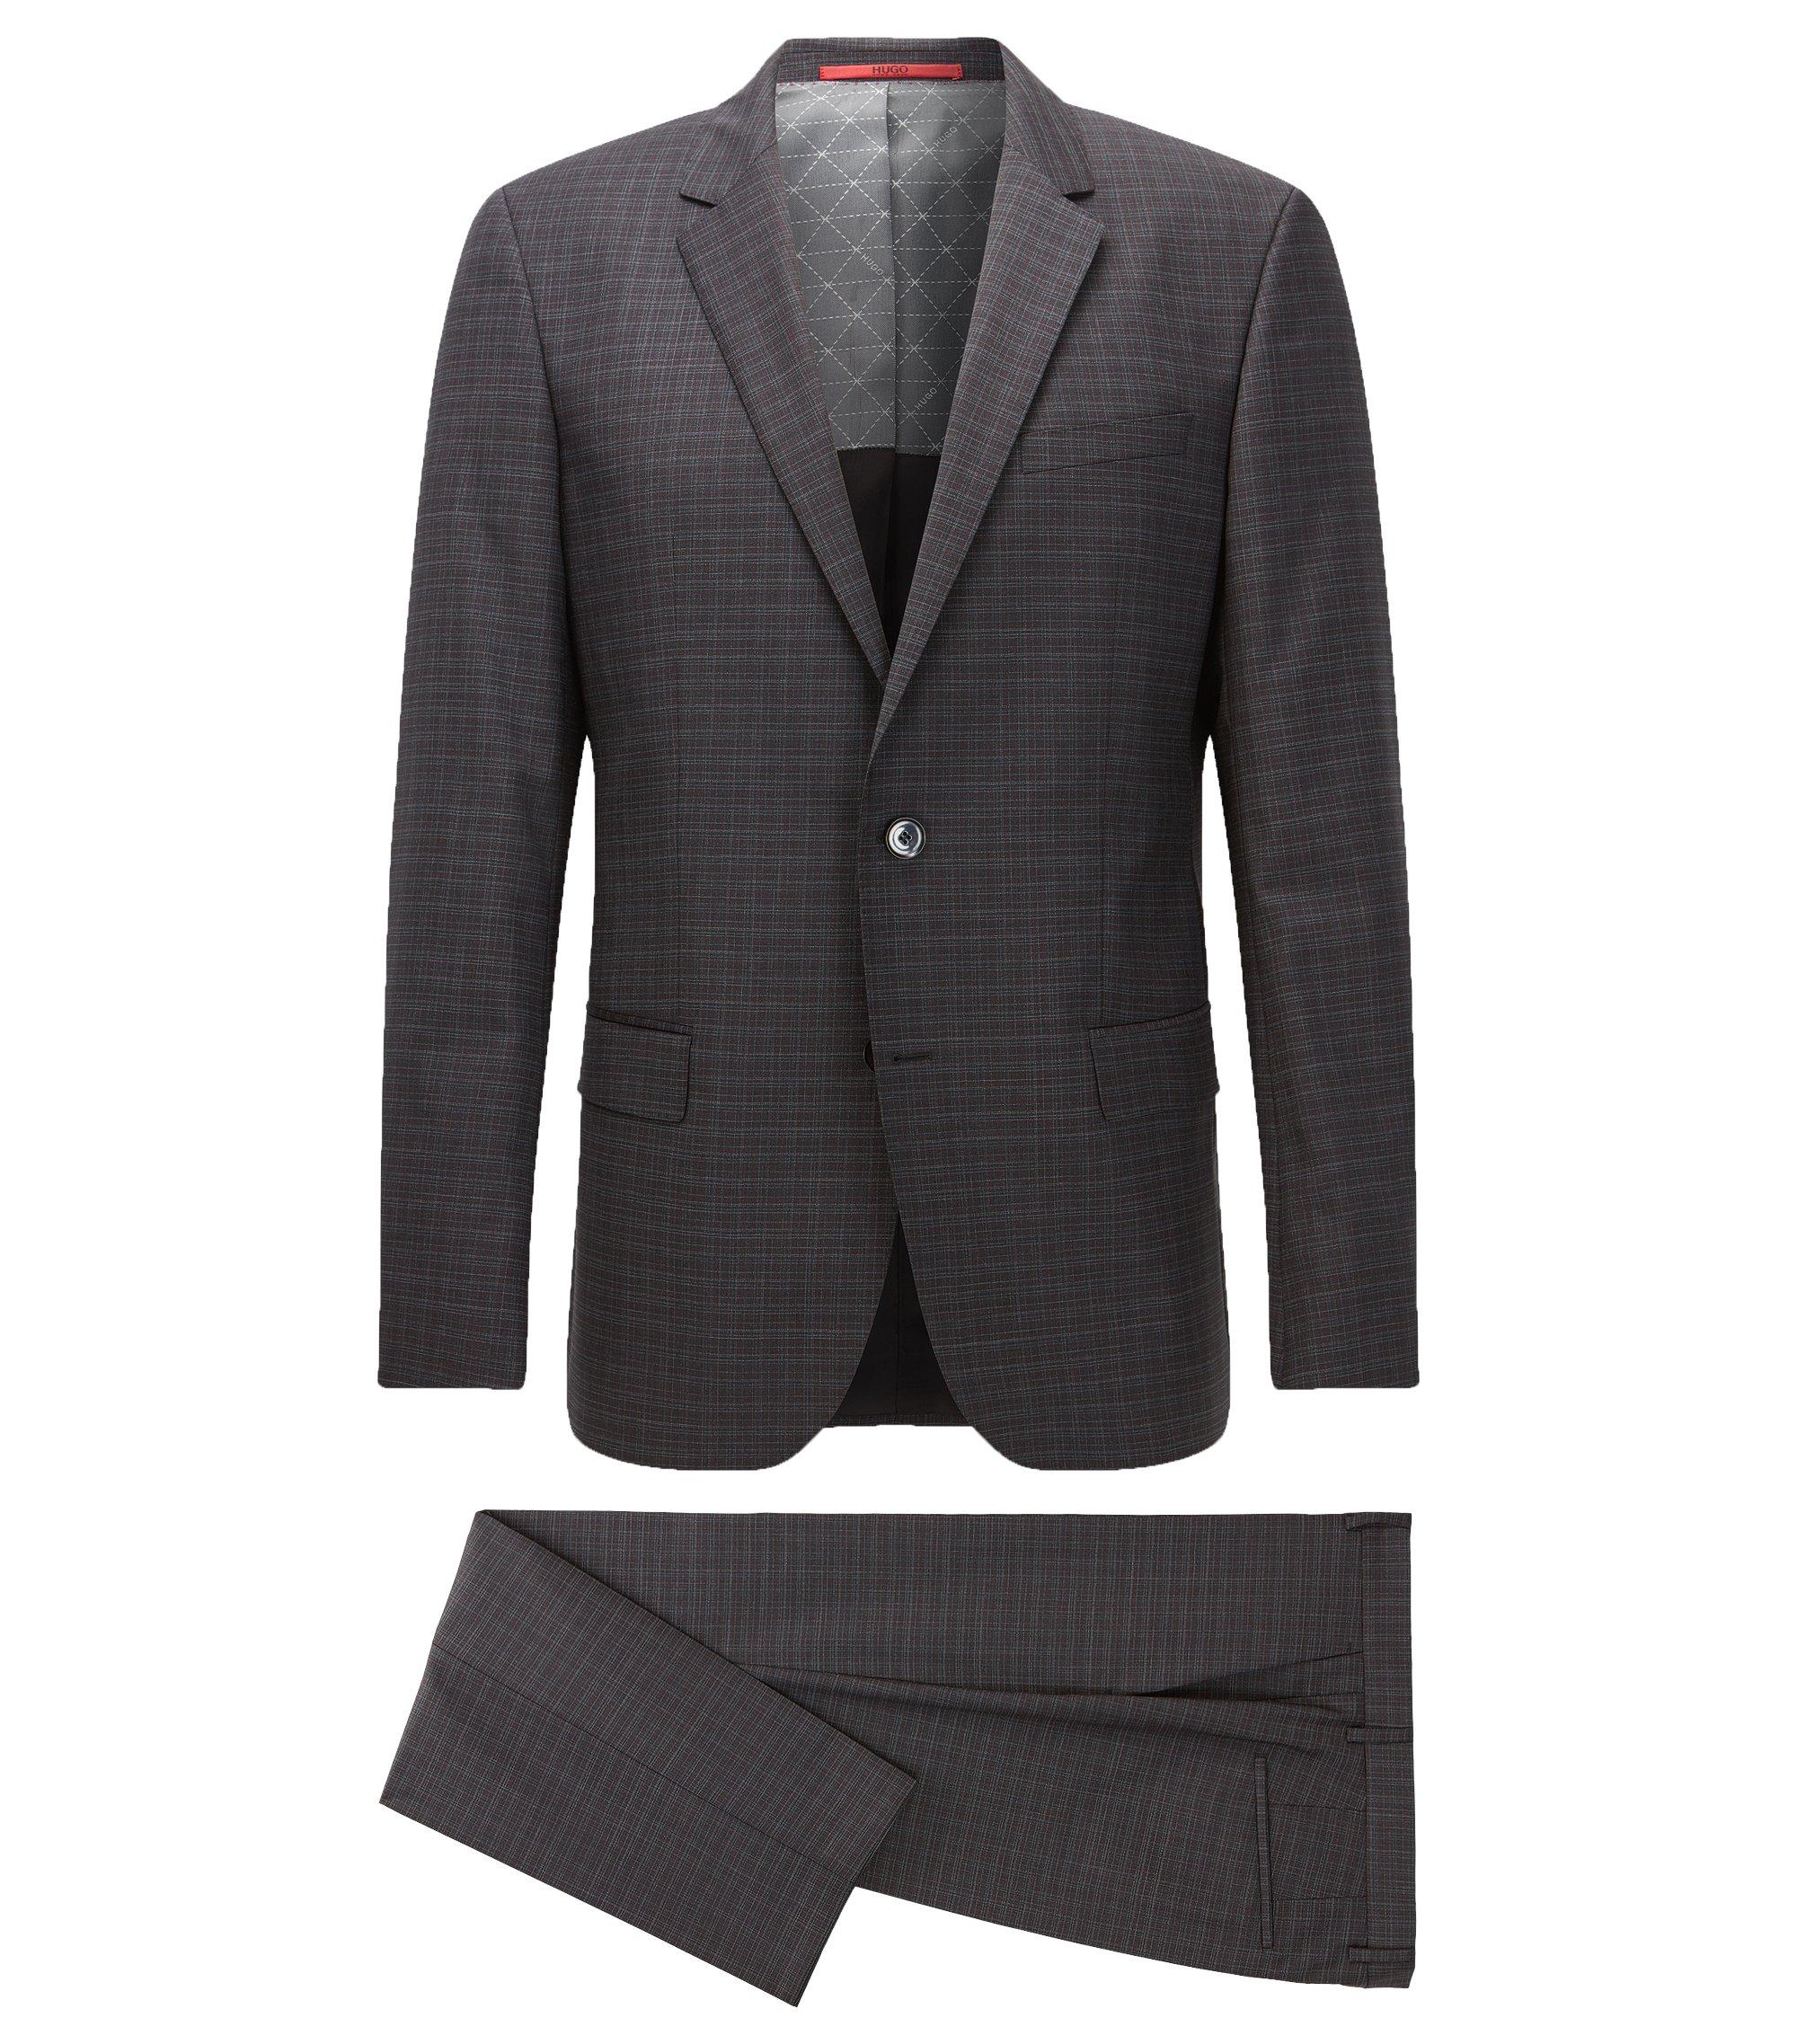 Plaid Virgin Wool Suit, Slim Fit | C-Huge/C-Genius, Charcoal